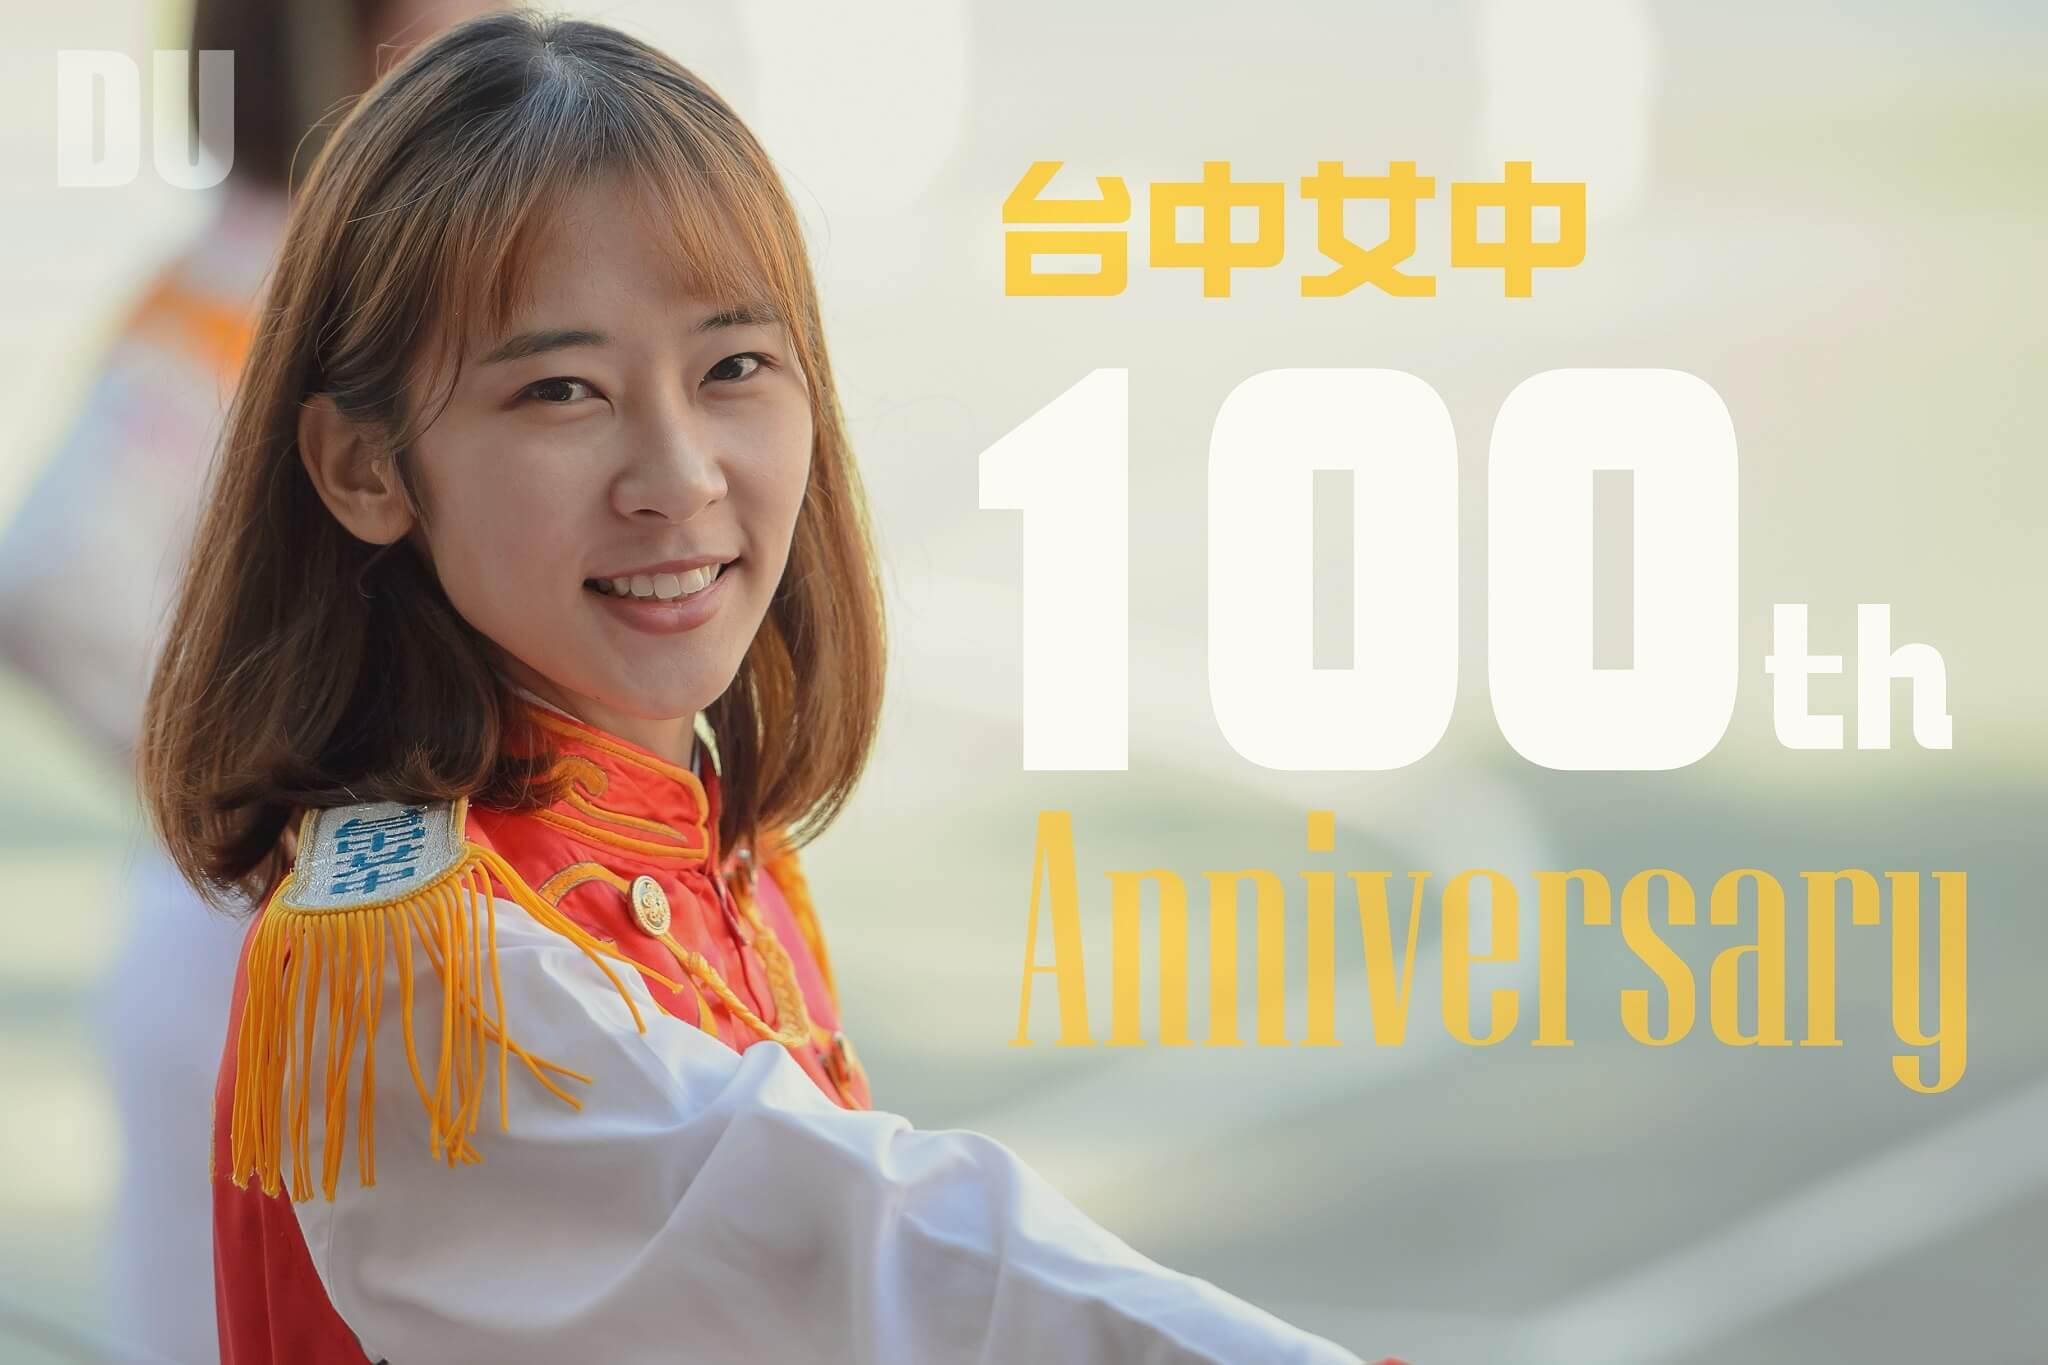 攝影作品 | 台中女中創校100周年校慶,活動紀錄